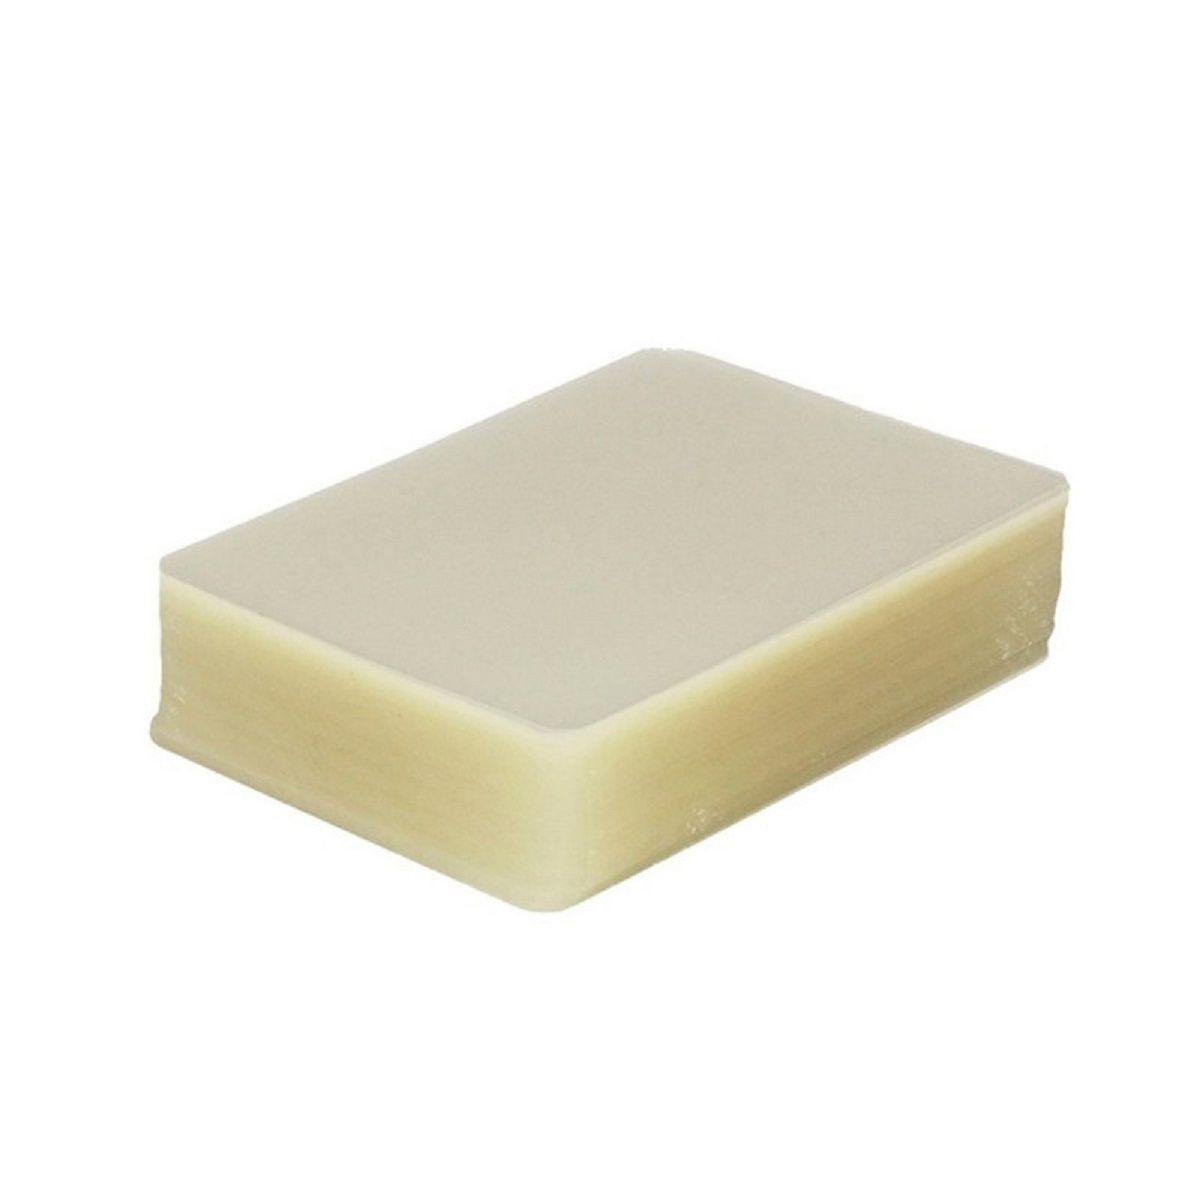 Kit 400 Plásticos Polaseal para Plastificação 0,05mm (125 micras) - Oficio, A4, 1/2 Oficio e RG  - Click Suprimentos